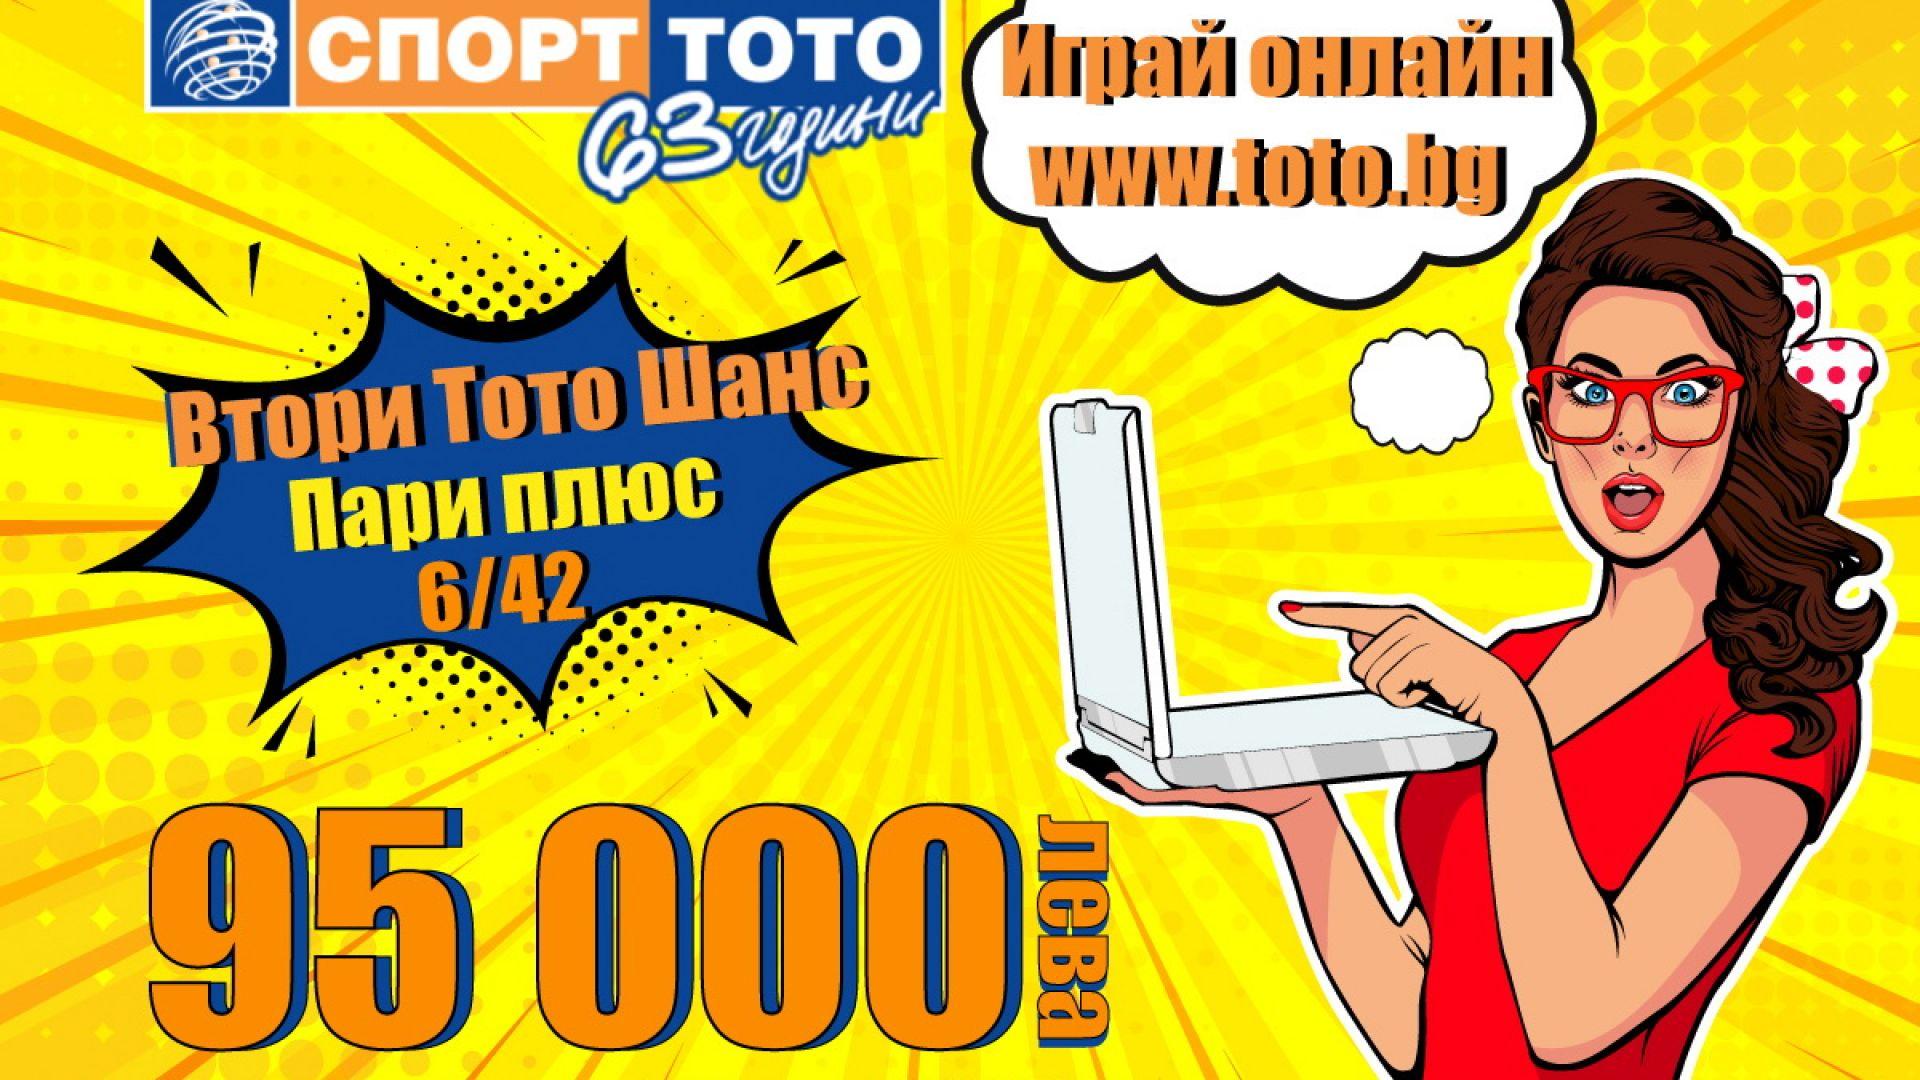 Мечтан лукс с печалби за над 6 450 000 лева от Спорт Тото